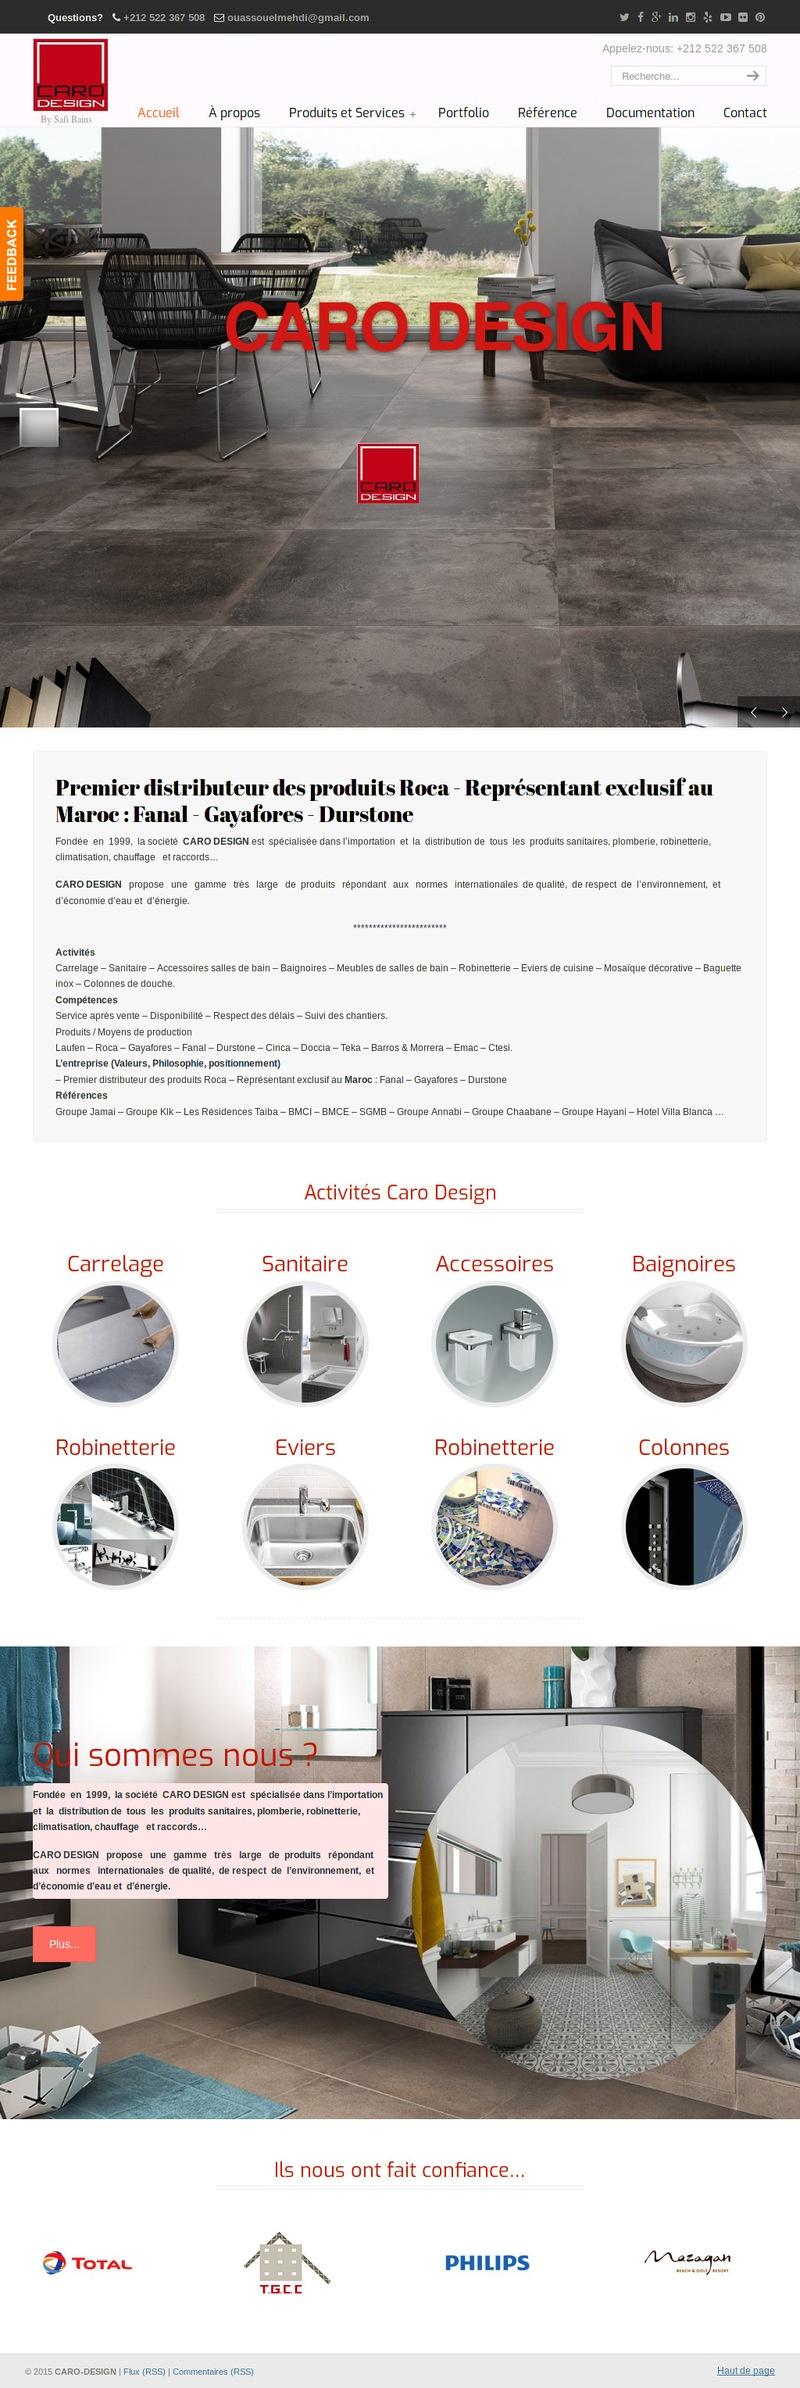 creation site web maroc lider caro design safia bains